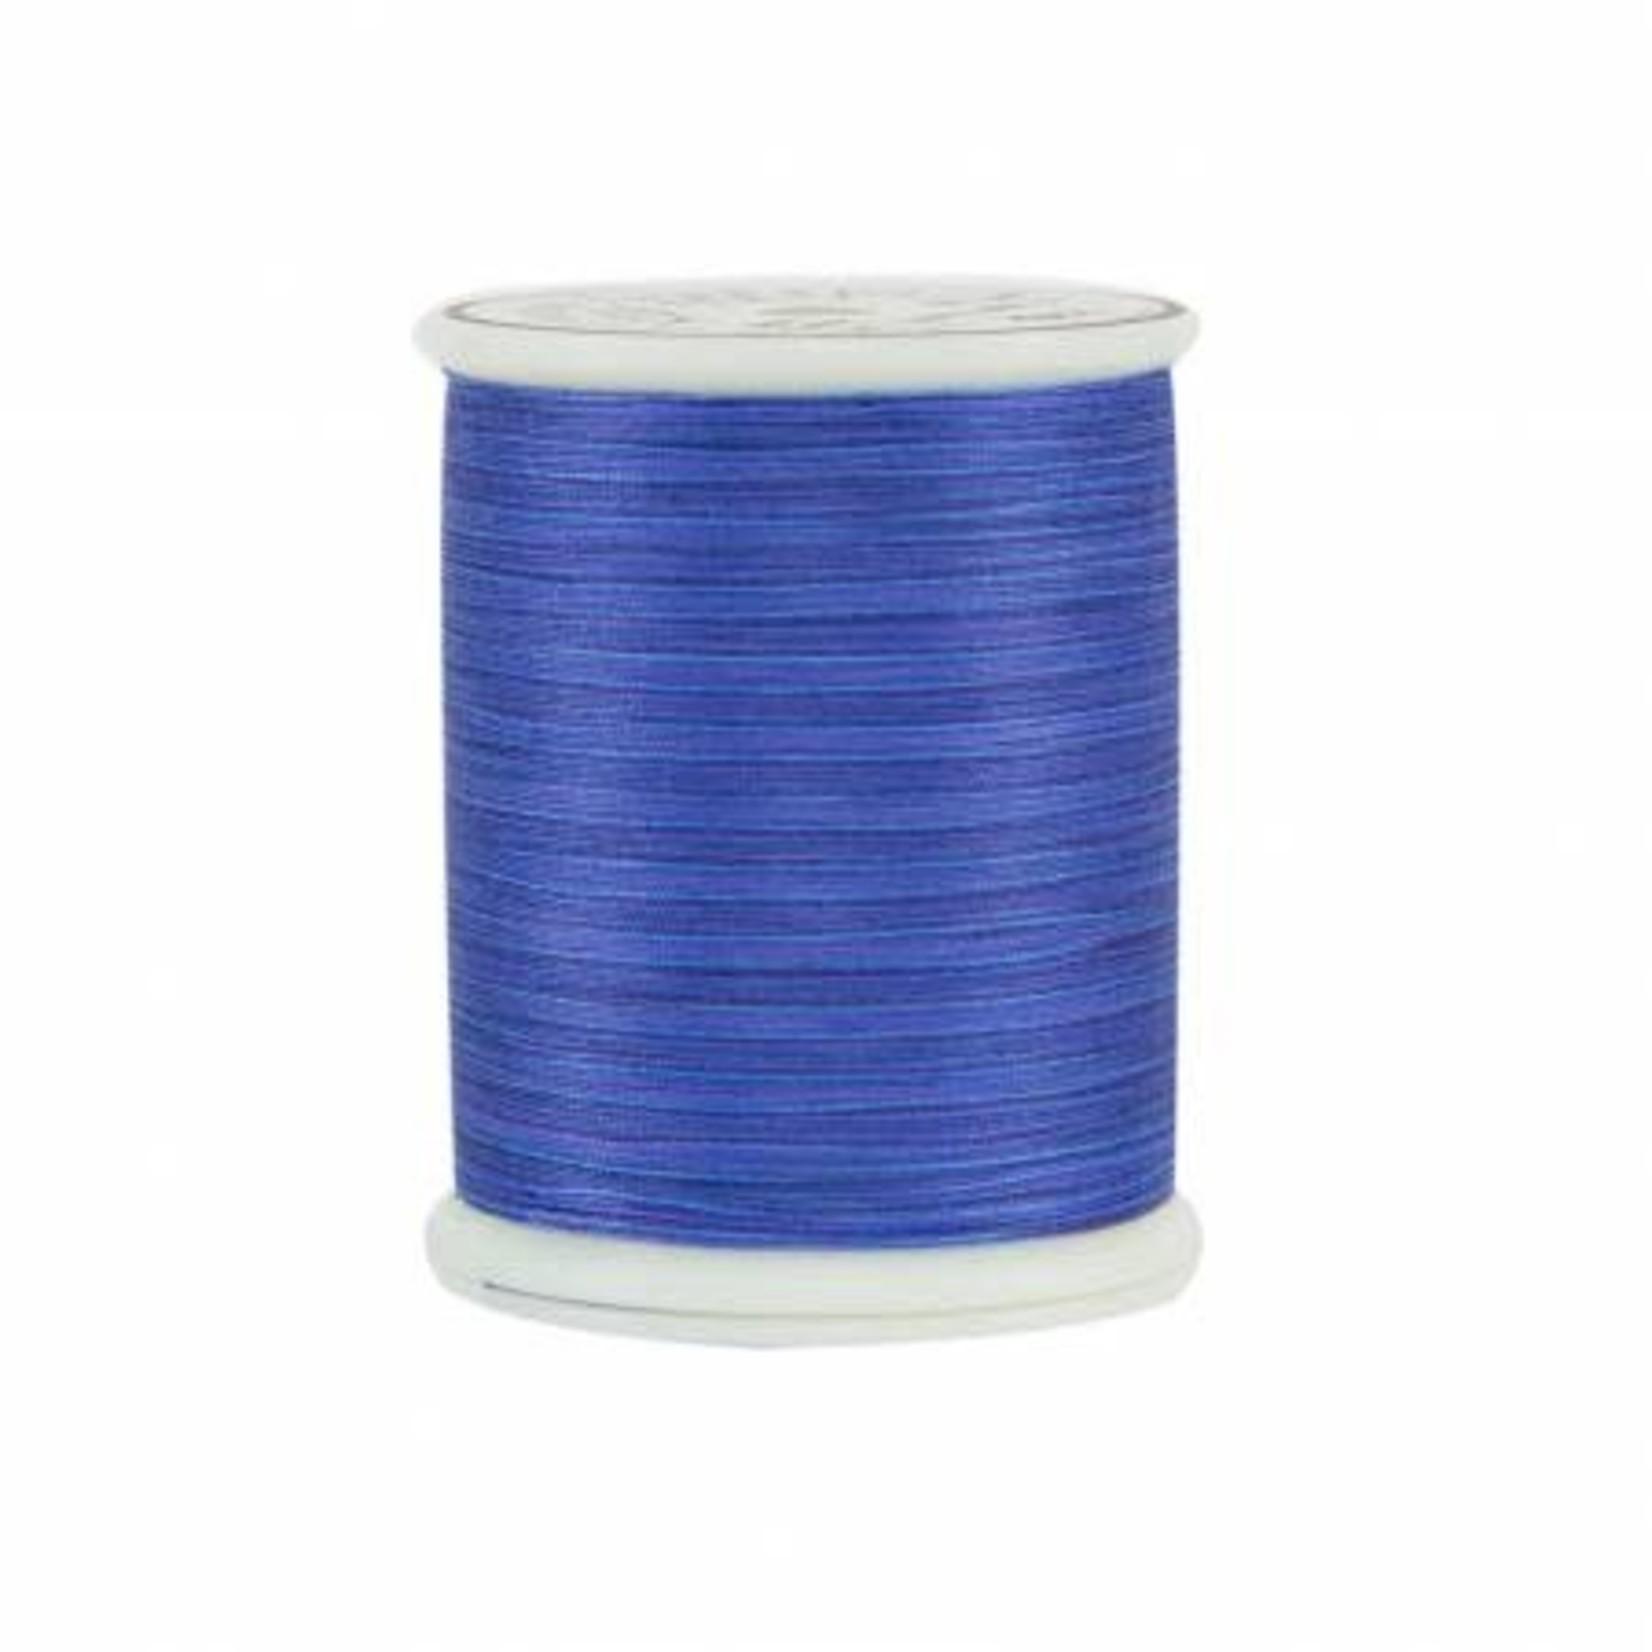 Superior Threads King Tut - #40 - 457 m - 0903 Lapis Lazuli